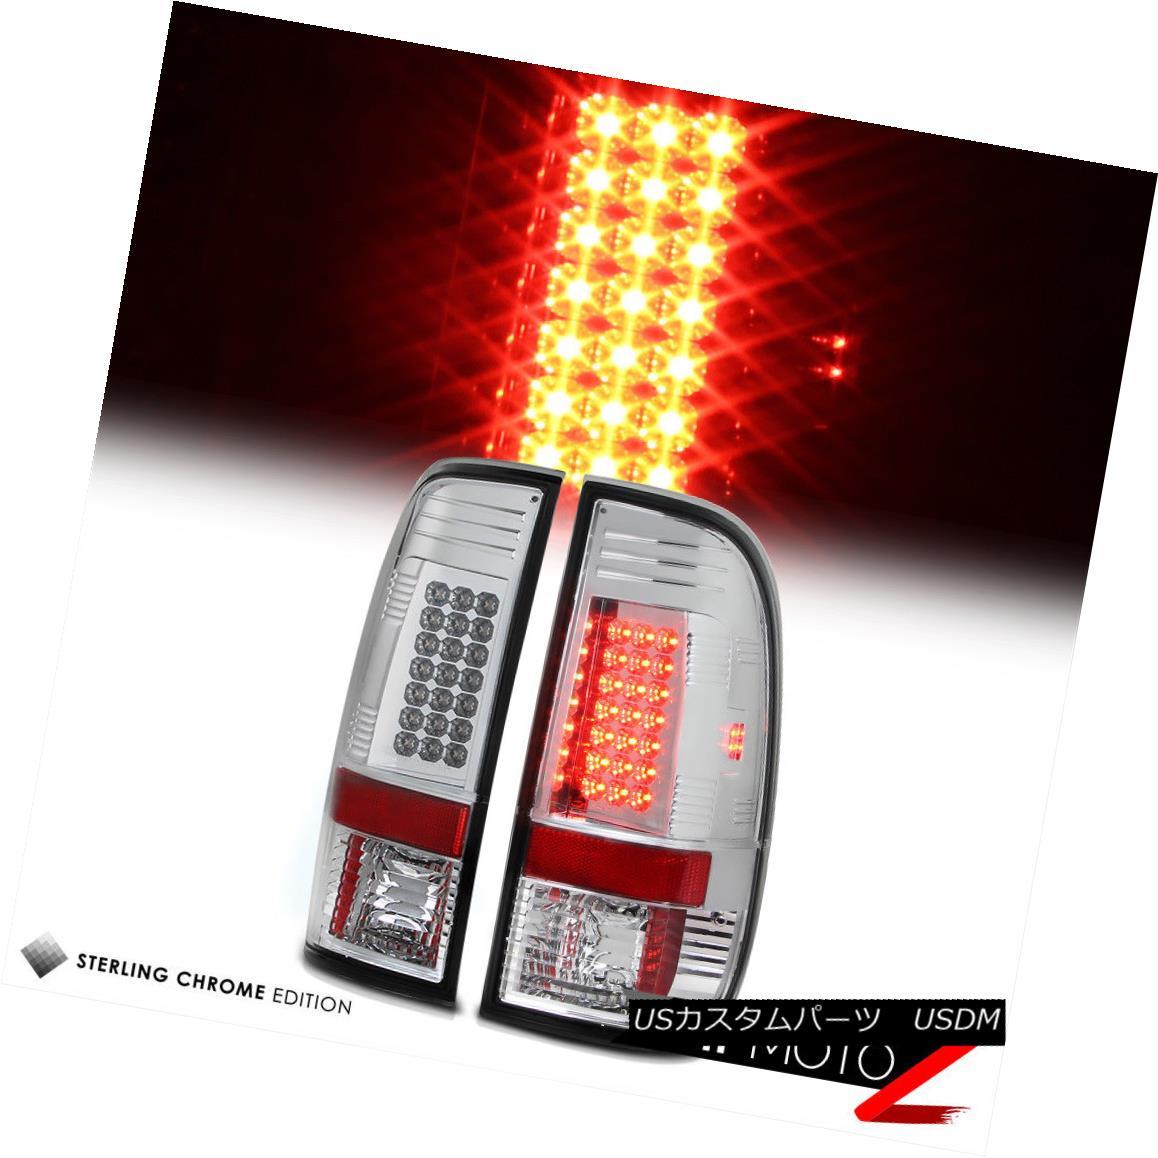 テールライト LED Rear F350 Tail PAIR] Lights Brake Lamps [1 F150 PAIR] 1999-2006 F250 F350  1997-2003 F150 LEDリアテールライトブレーキランプ[1枚] 1999-2006 F250 F350   1997-2003 F150, オートパーツ工房:e06e0af1 --- officewill.xsrv.jp